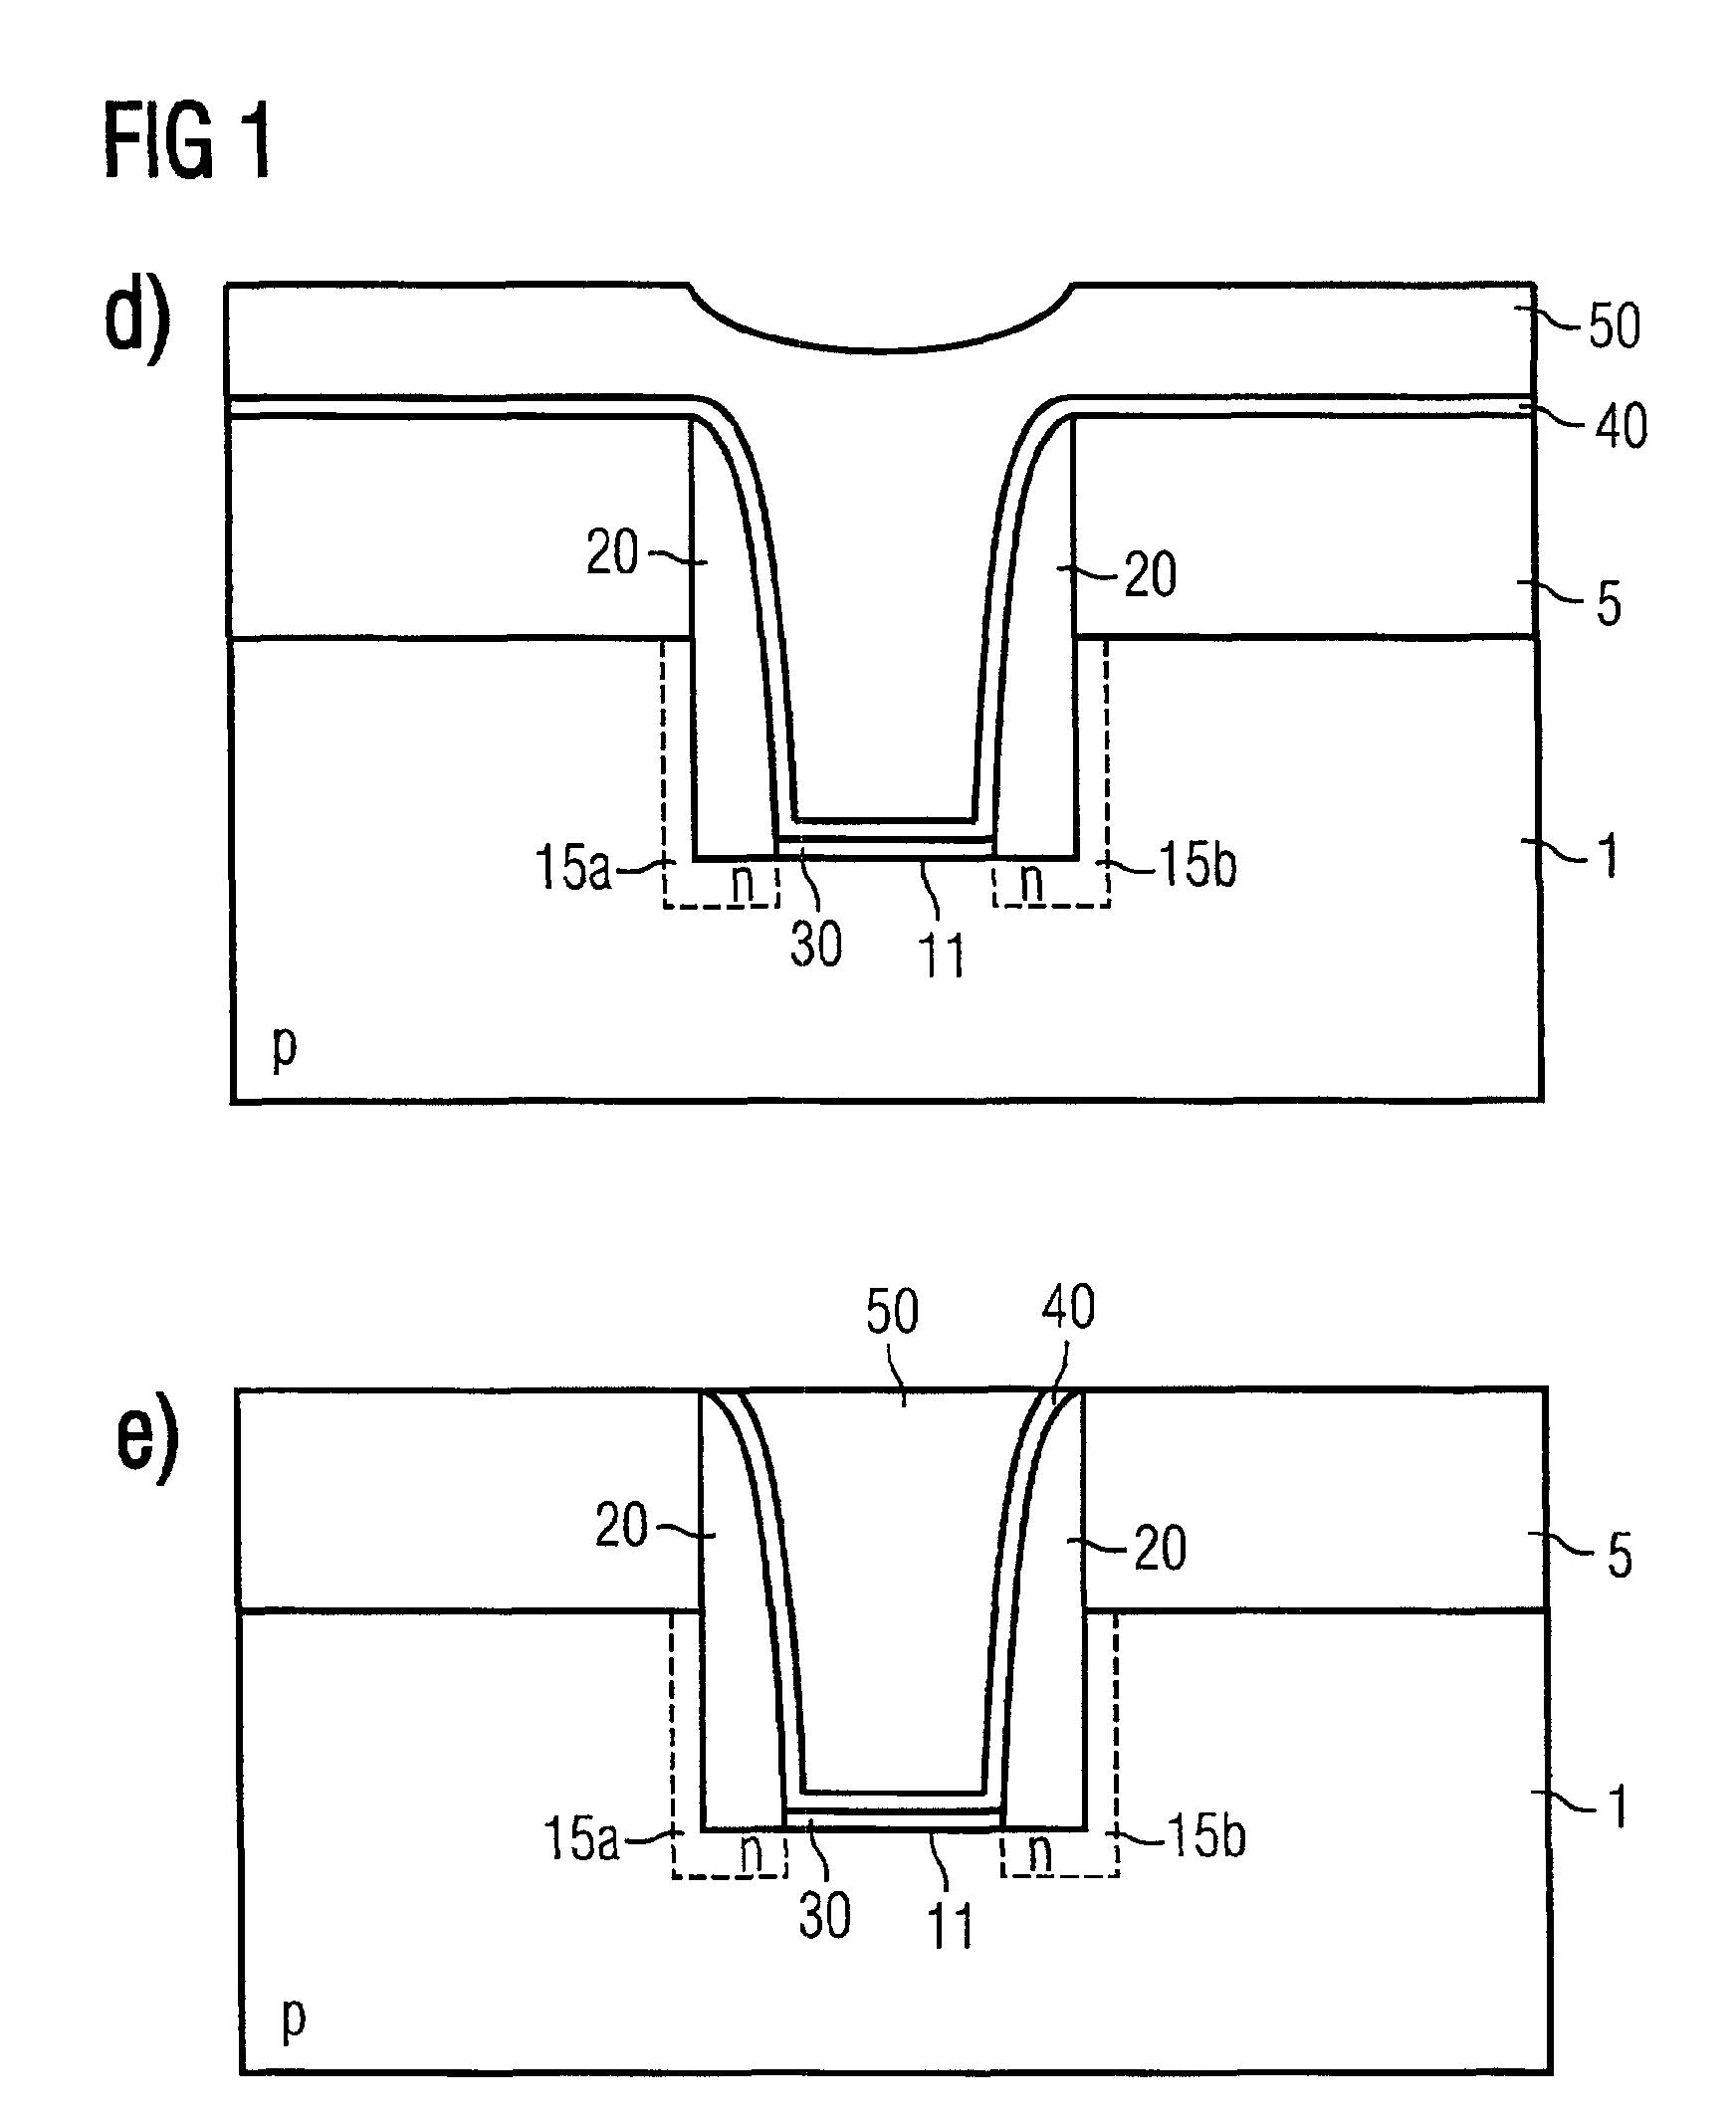 专利ep1205980a1 - a method for forming a field